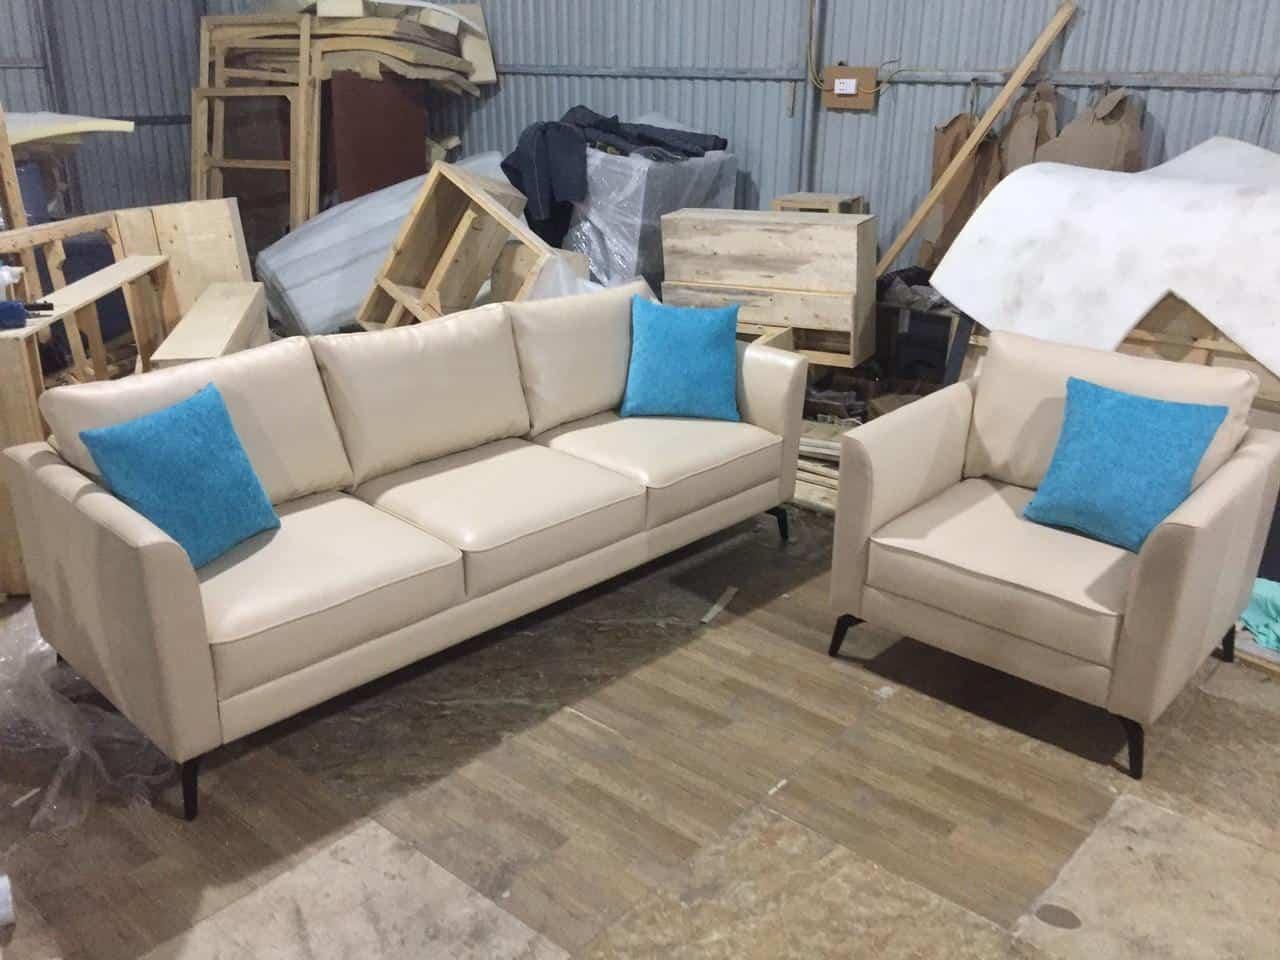 Mẫu Sofa Văng Đẹp | Bàn Giao cho Chị Trang Ở Hải Phòng